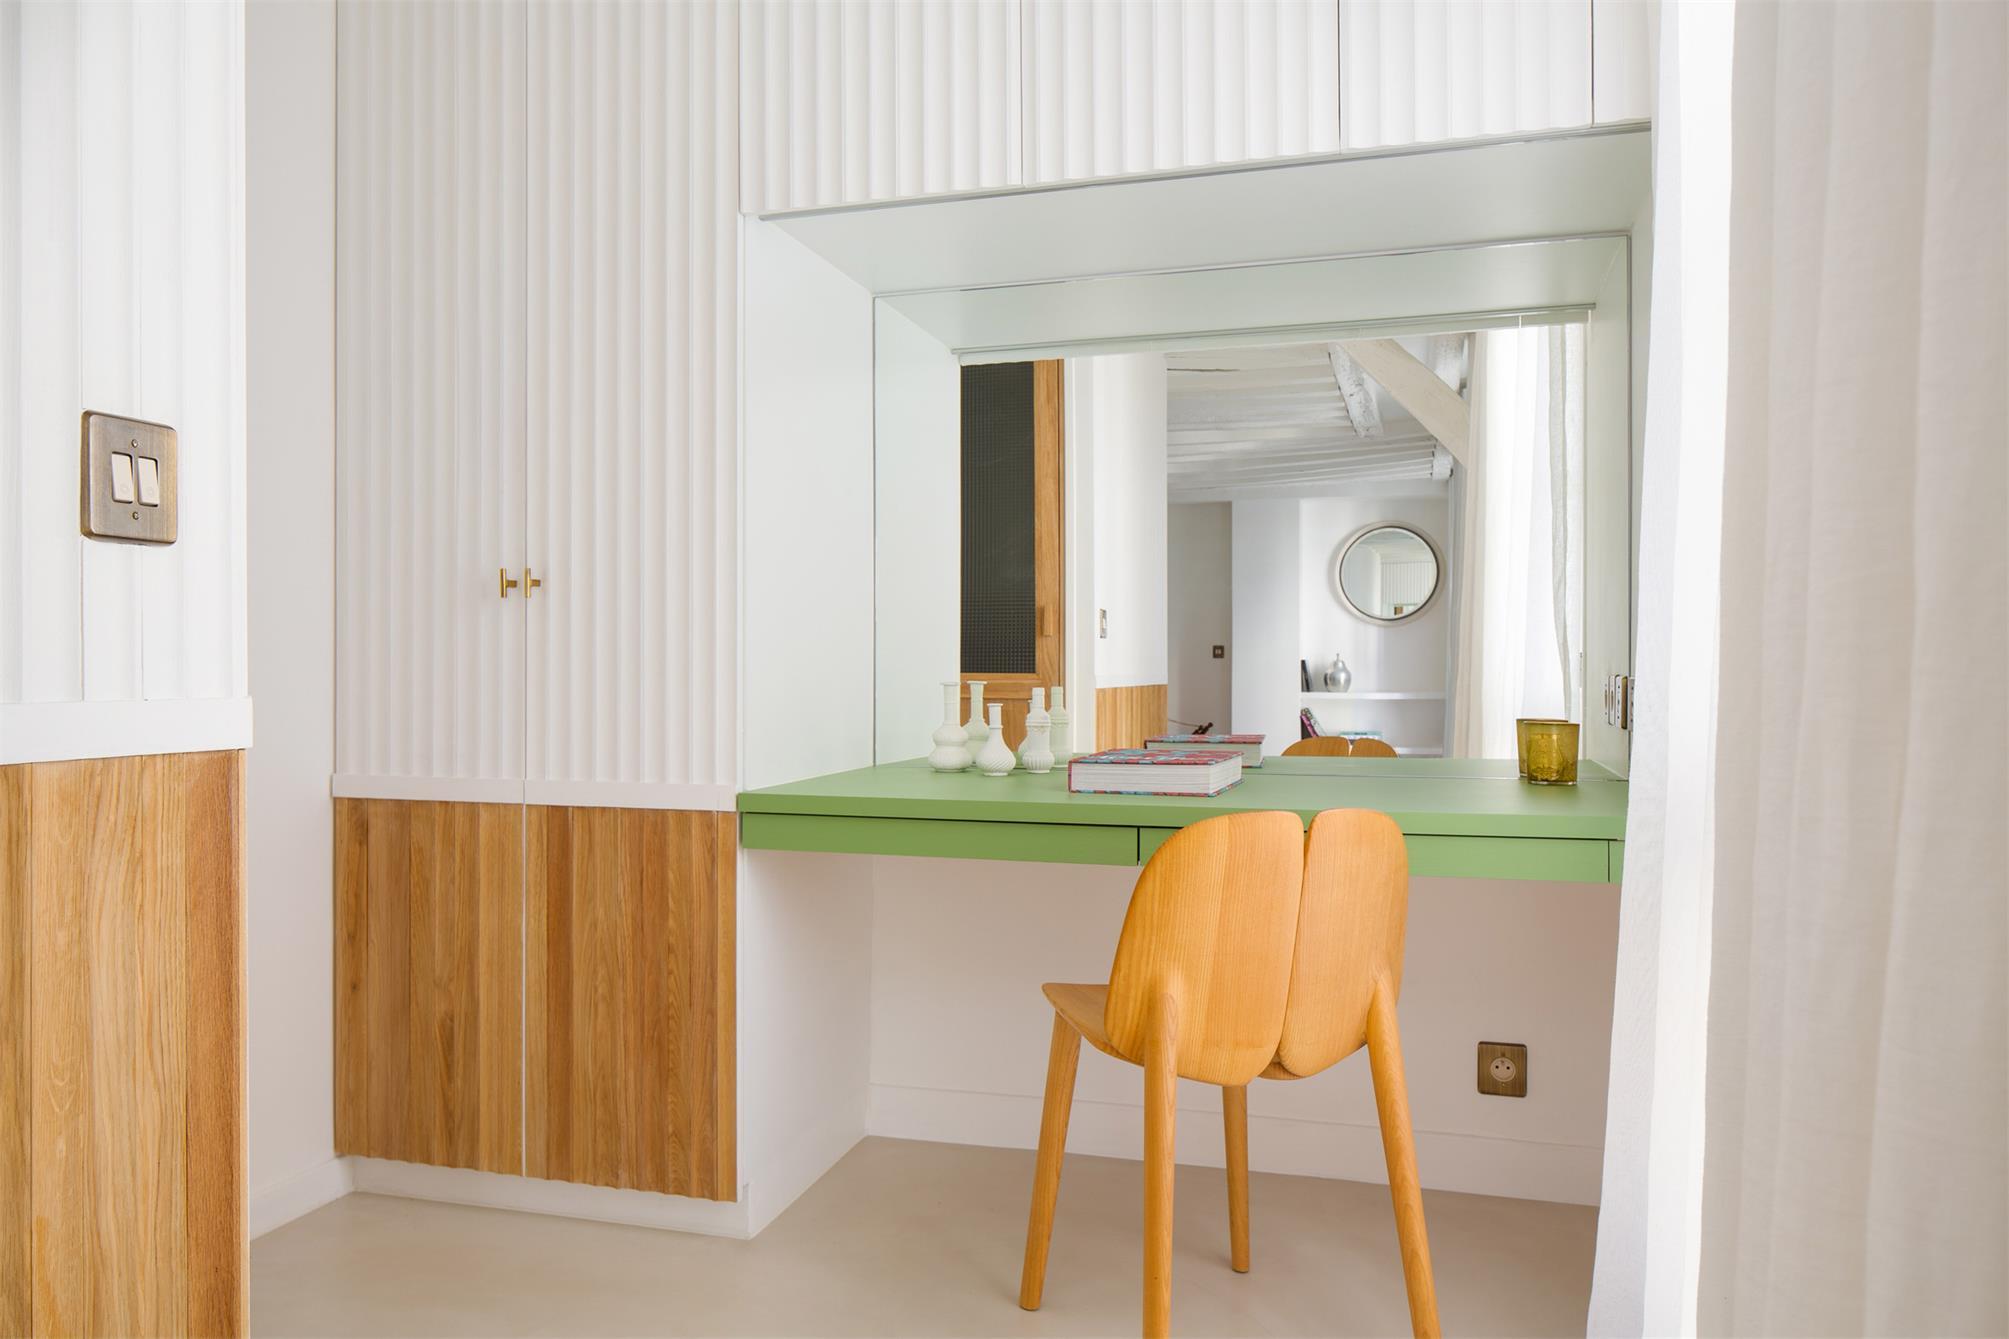 小型公寓工作区设计